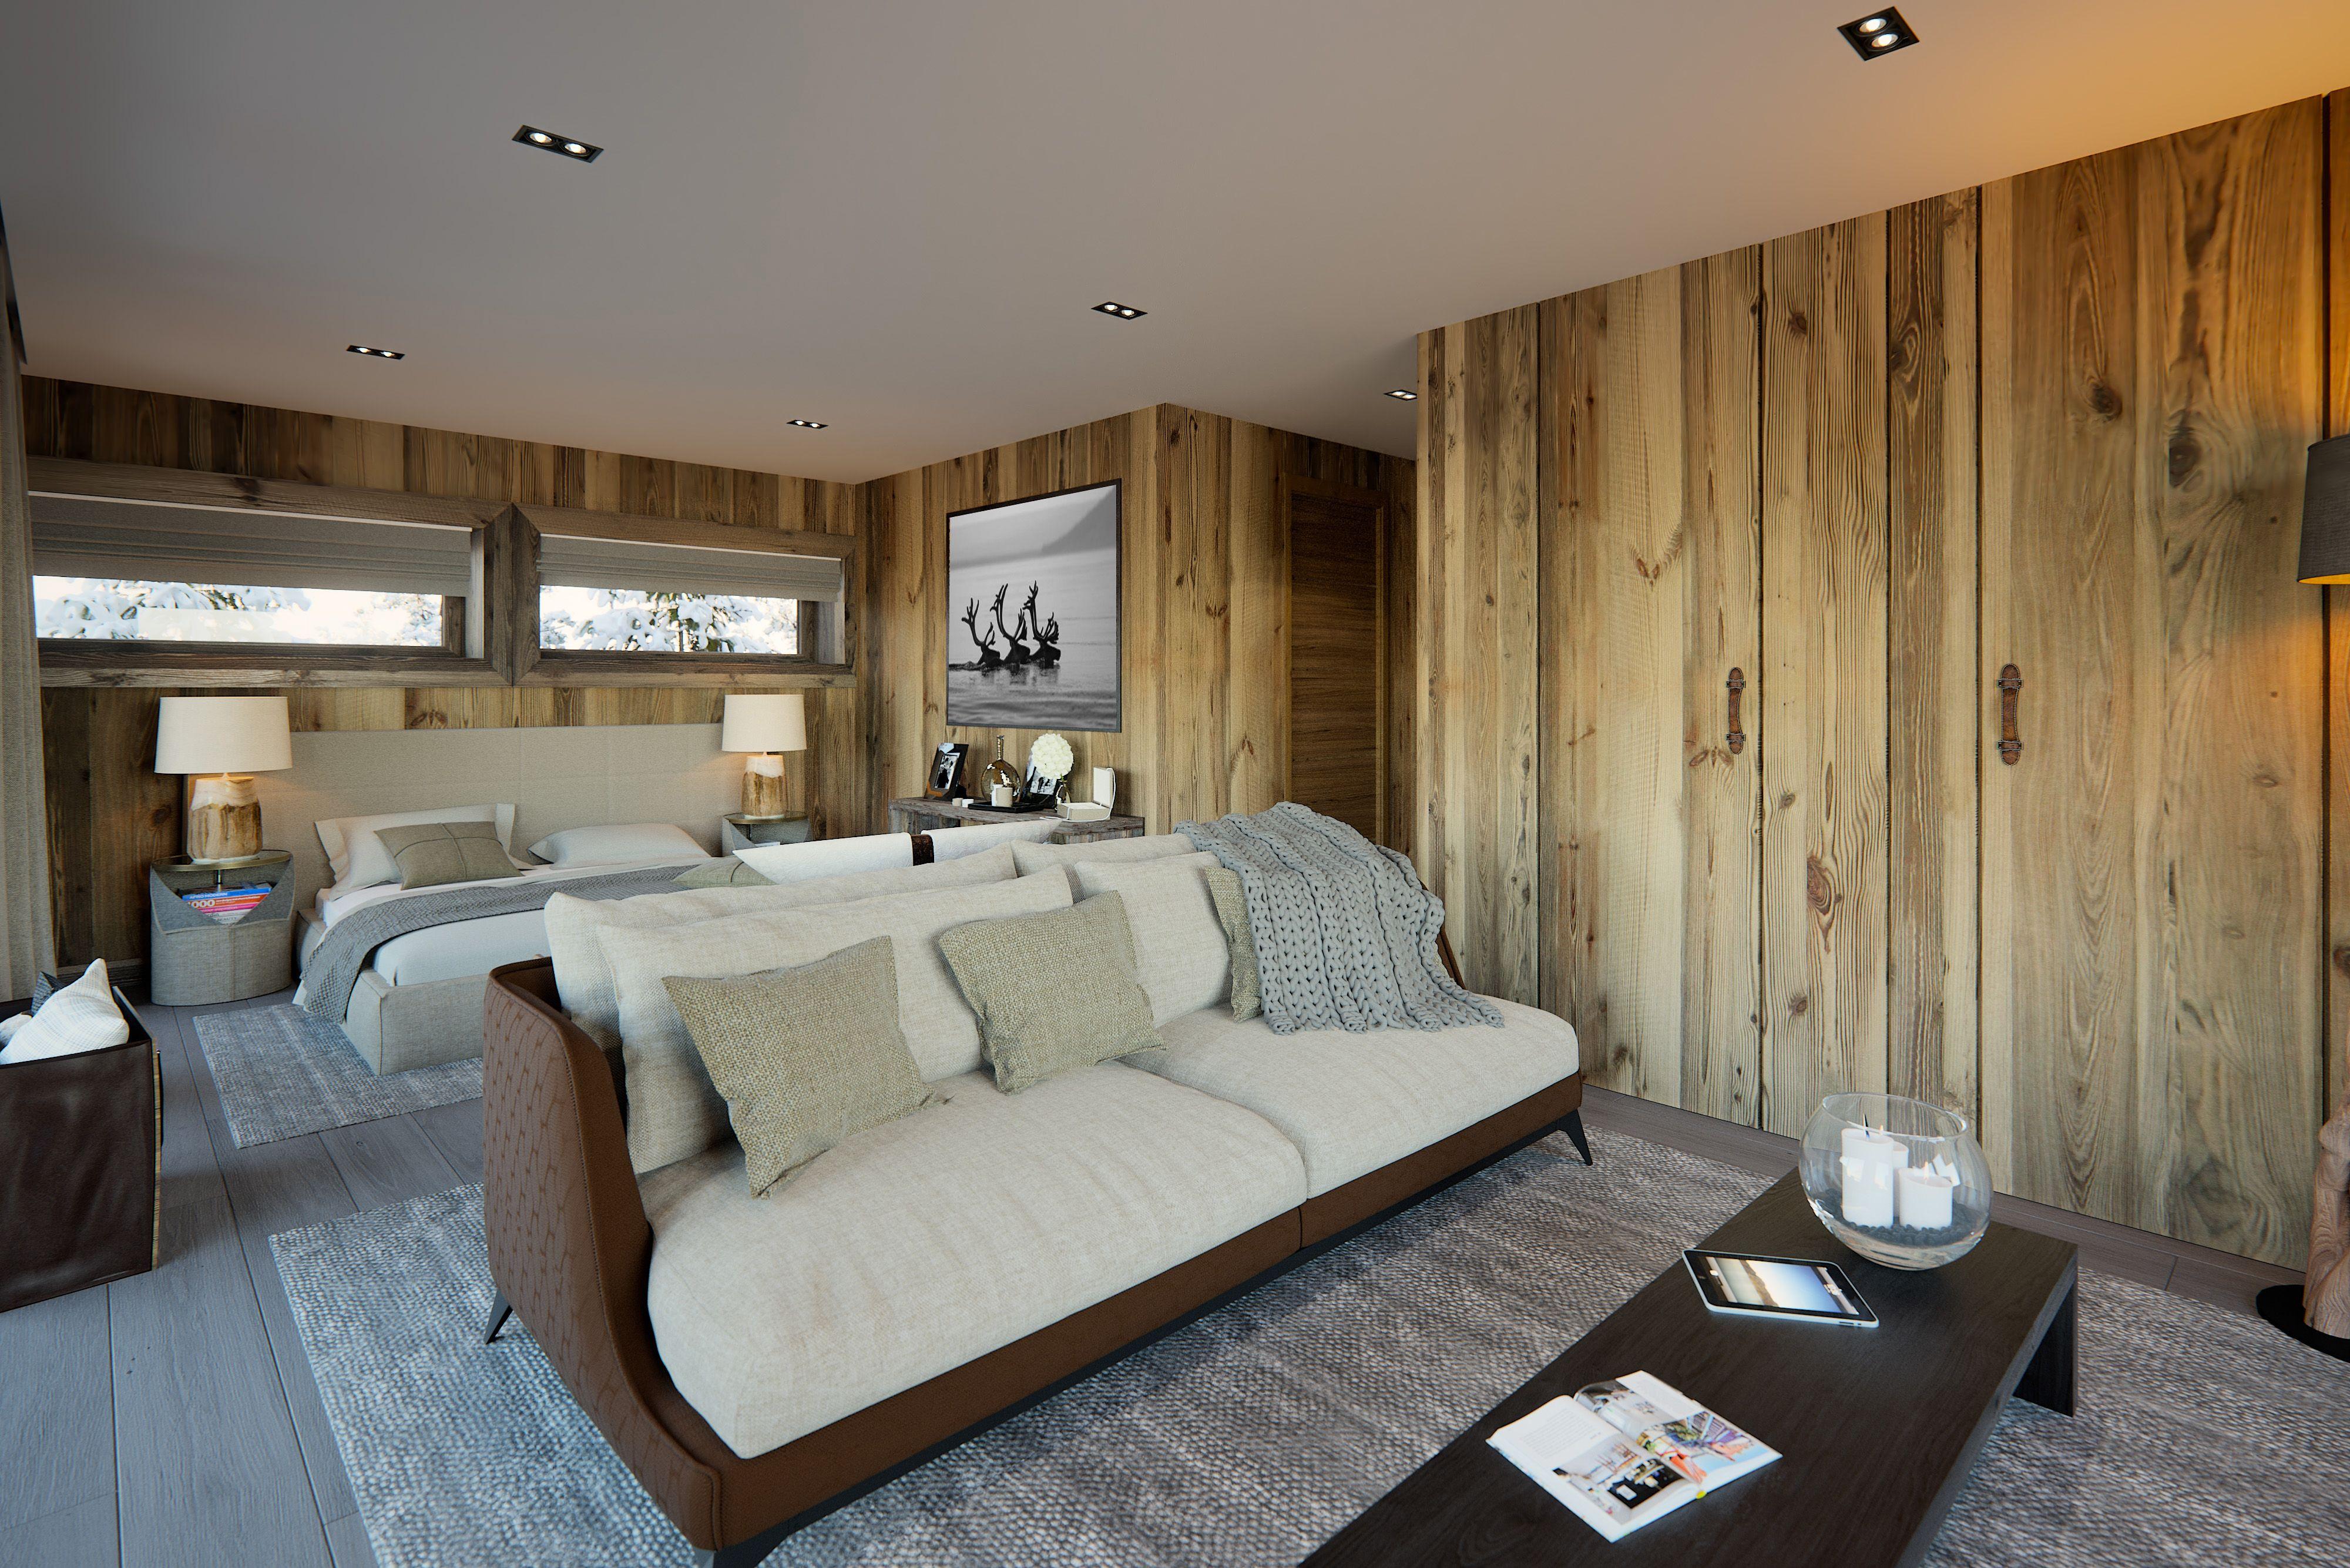 projet immobilier Megeve construction de luxe chalet sur piste